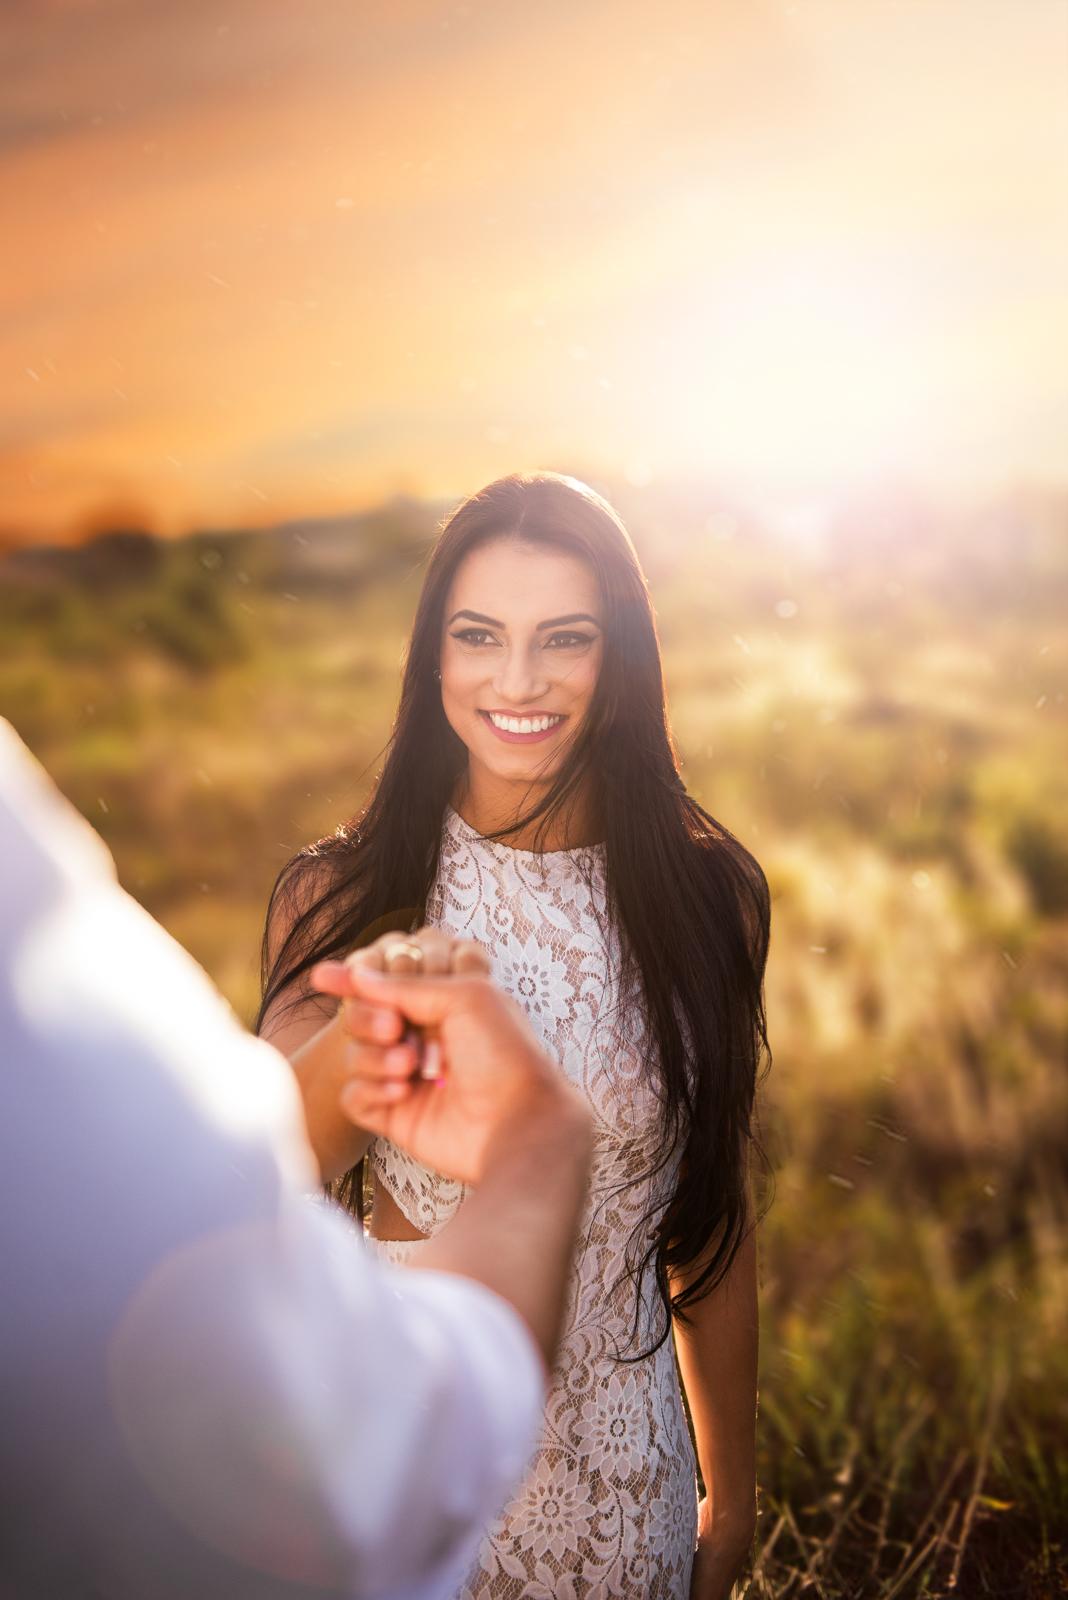 fotógrafa do casamento em BH, noiva